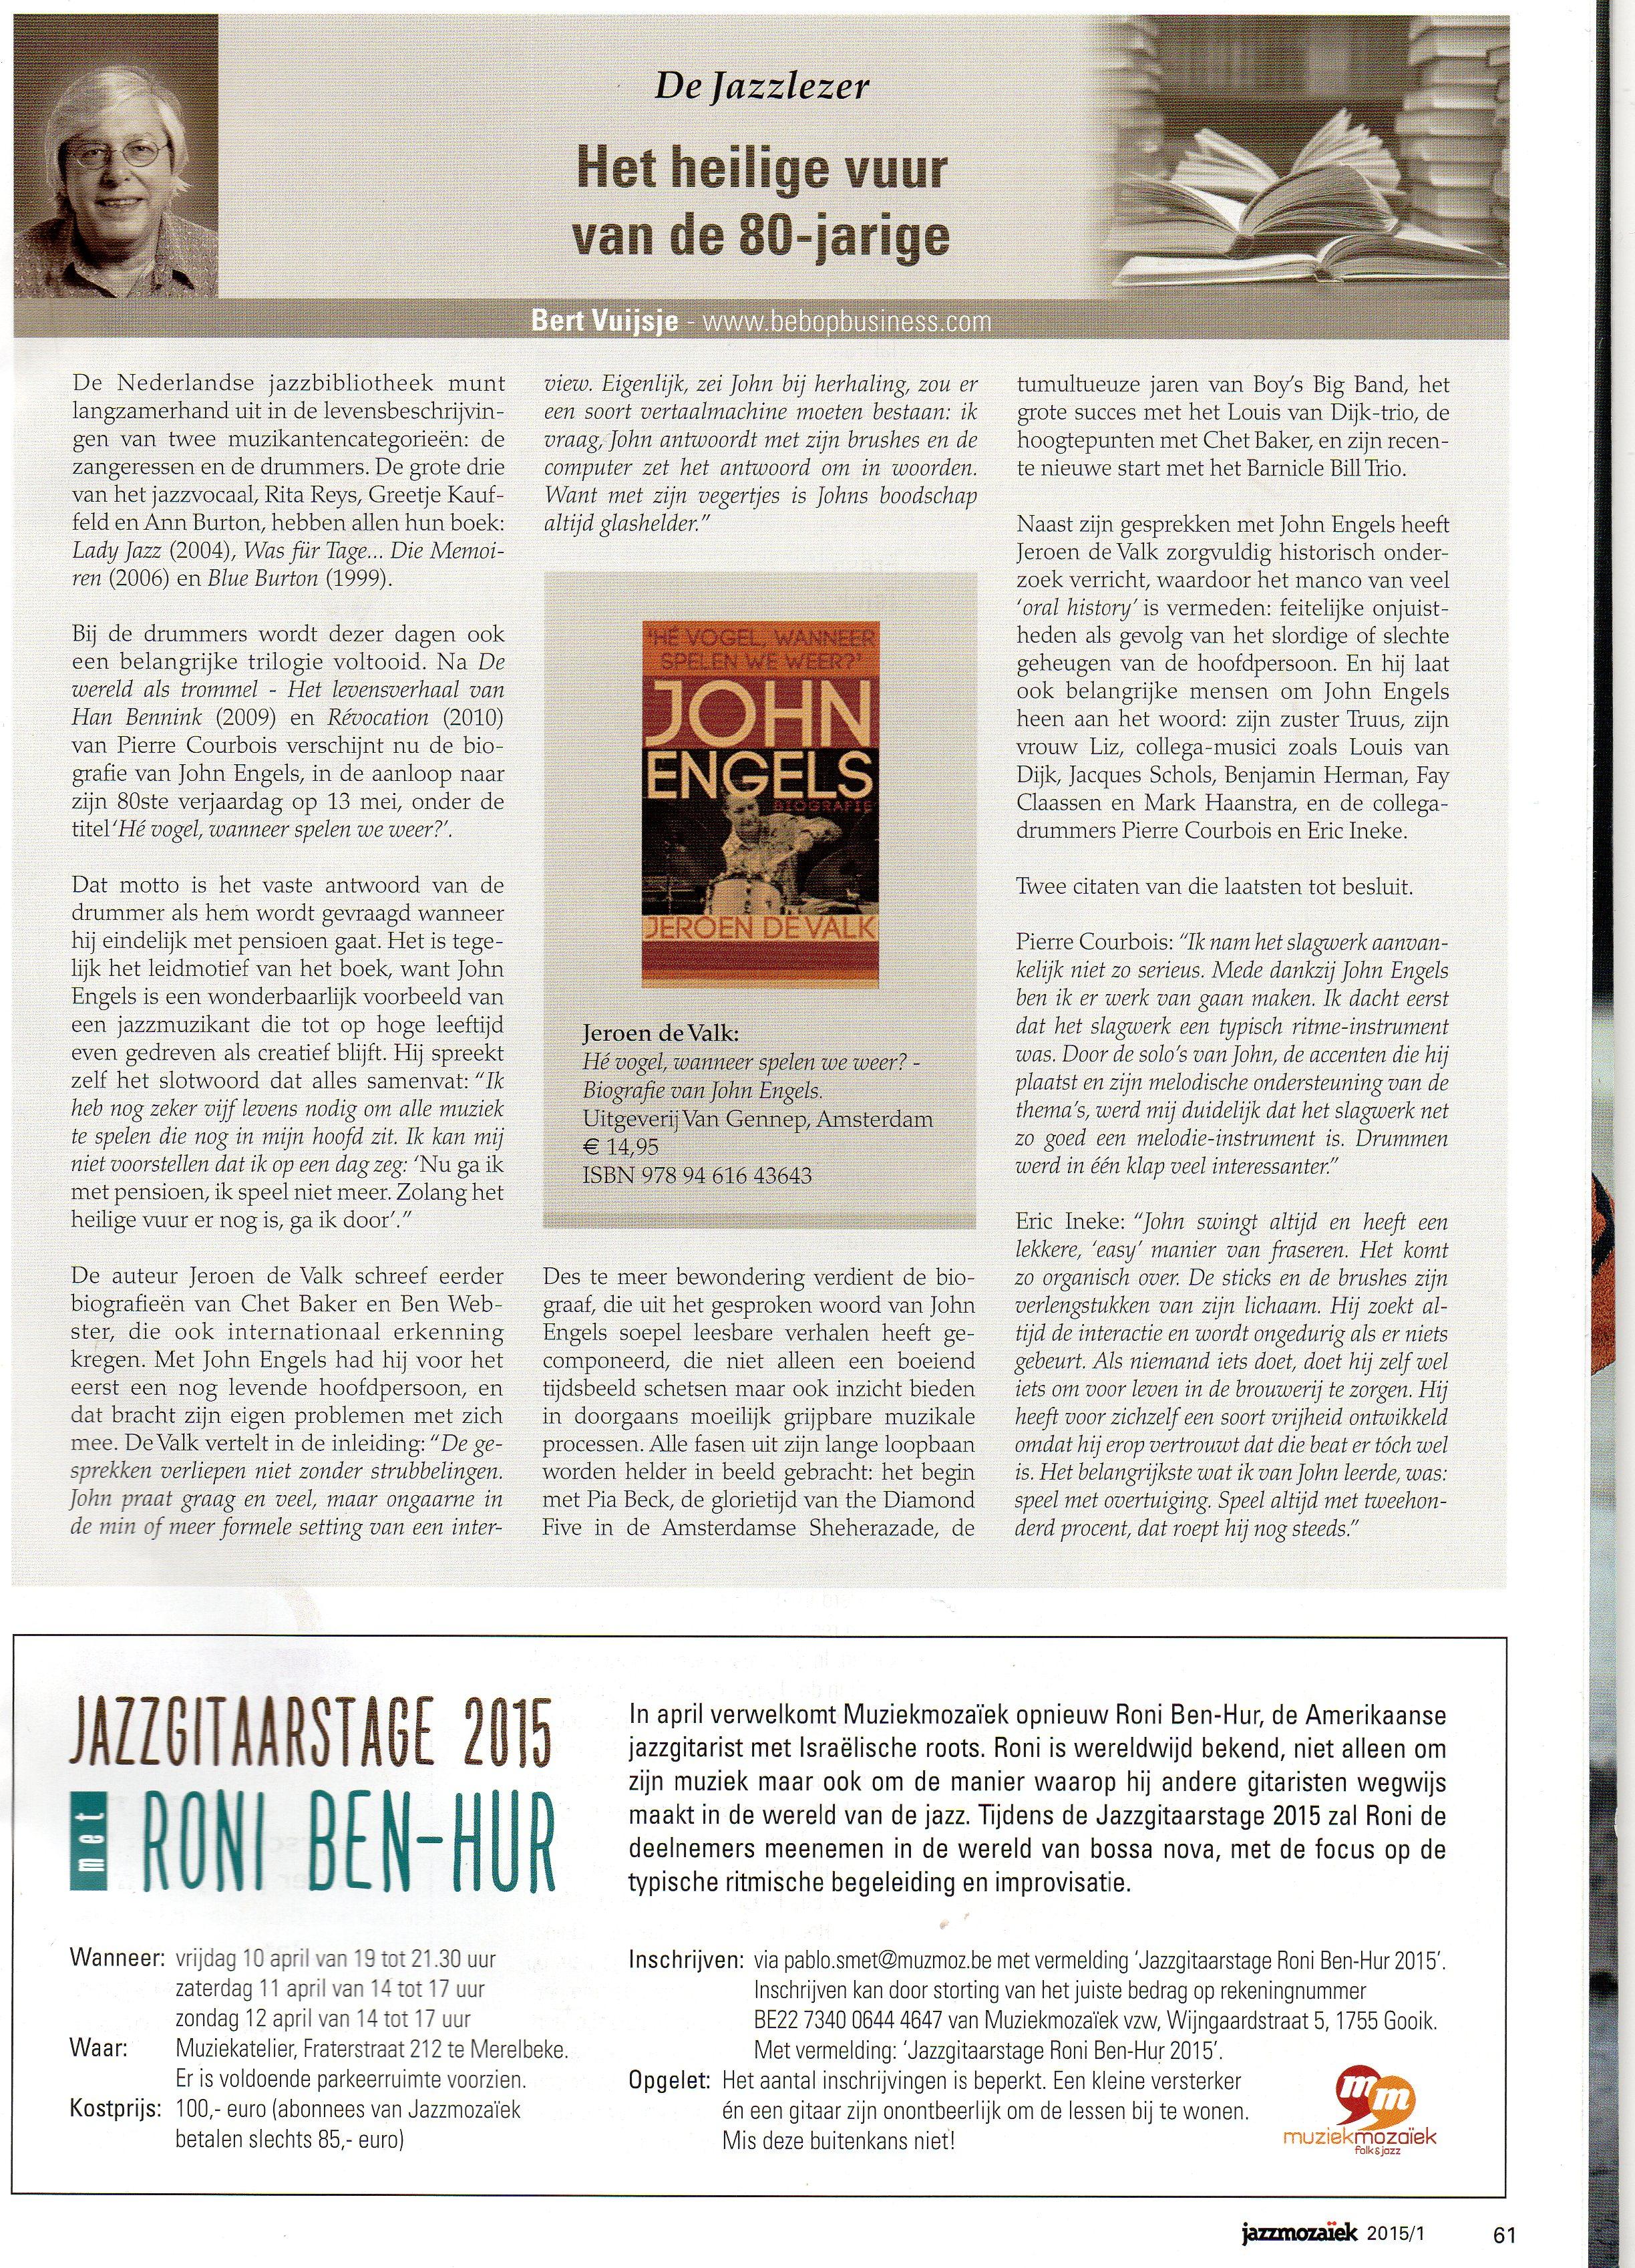 Het Heilige Vuur van een 80 jarige - John Engels